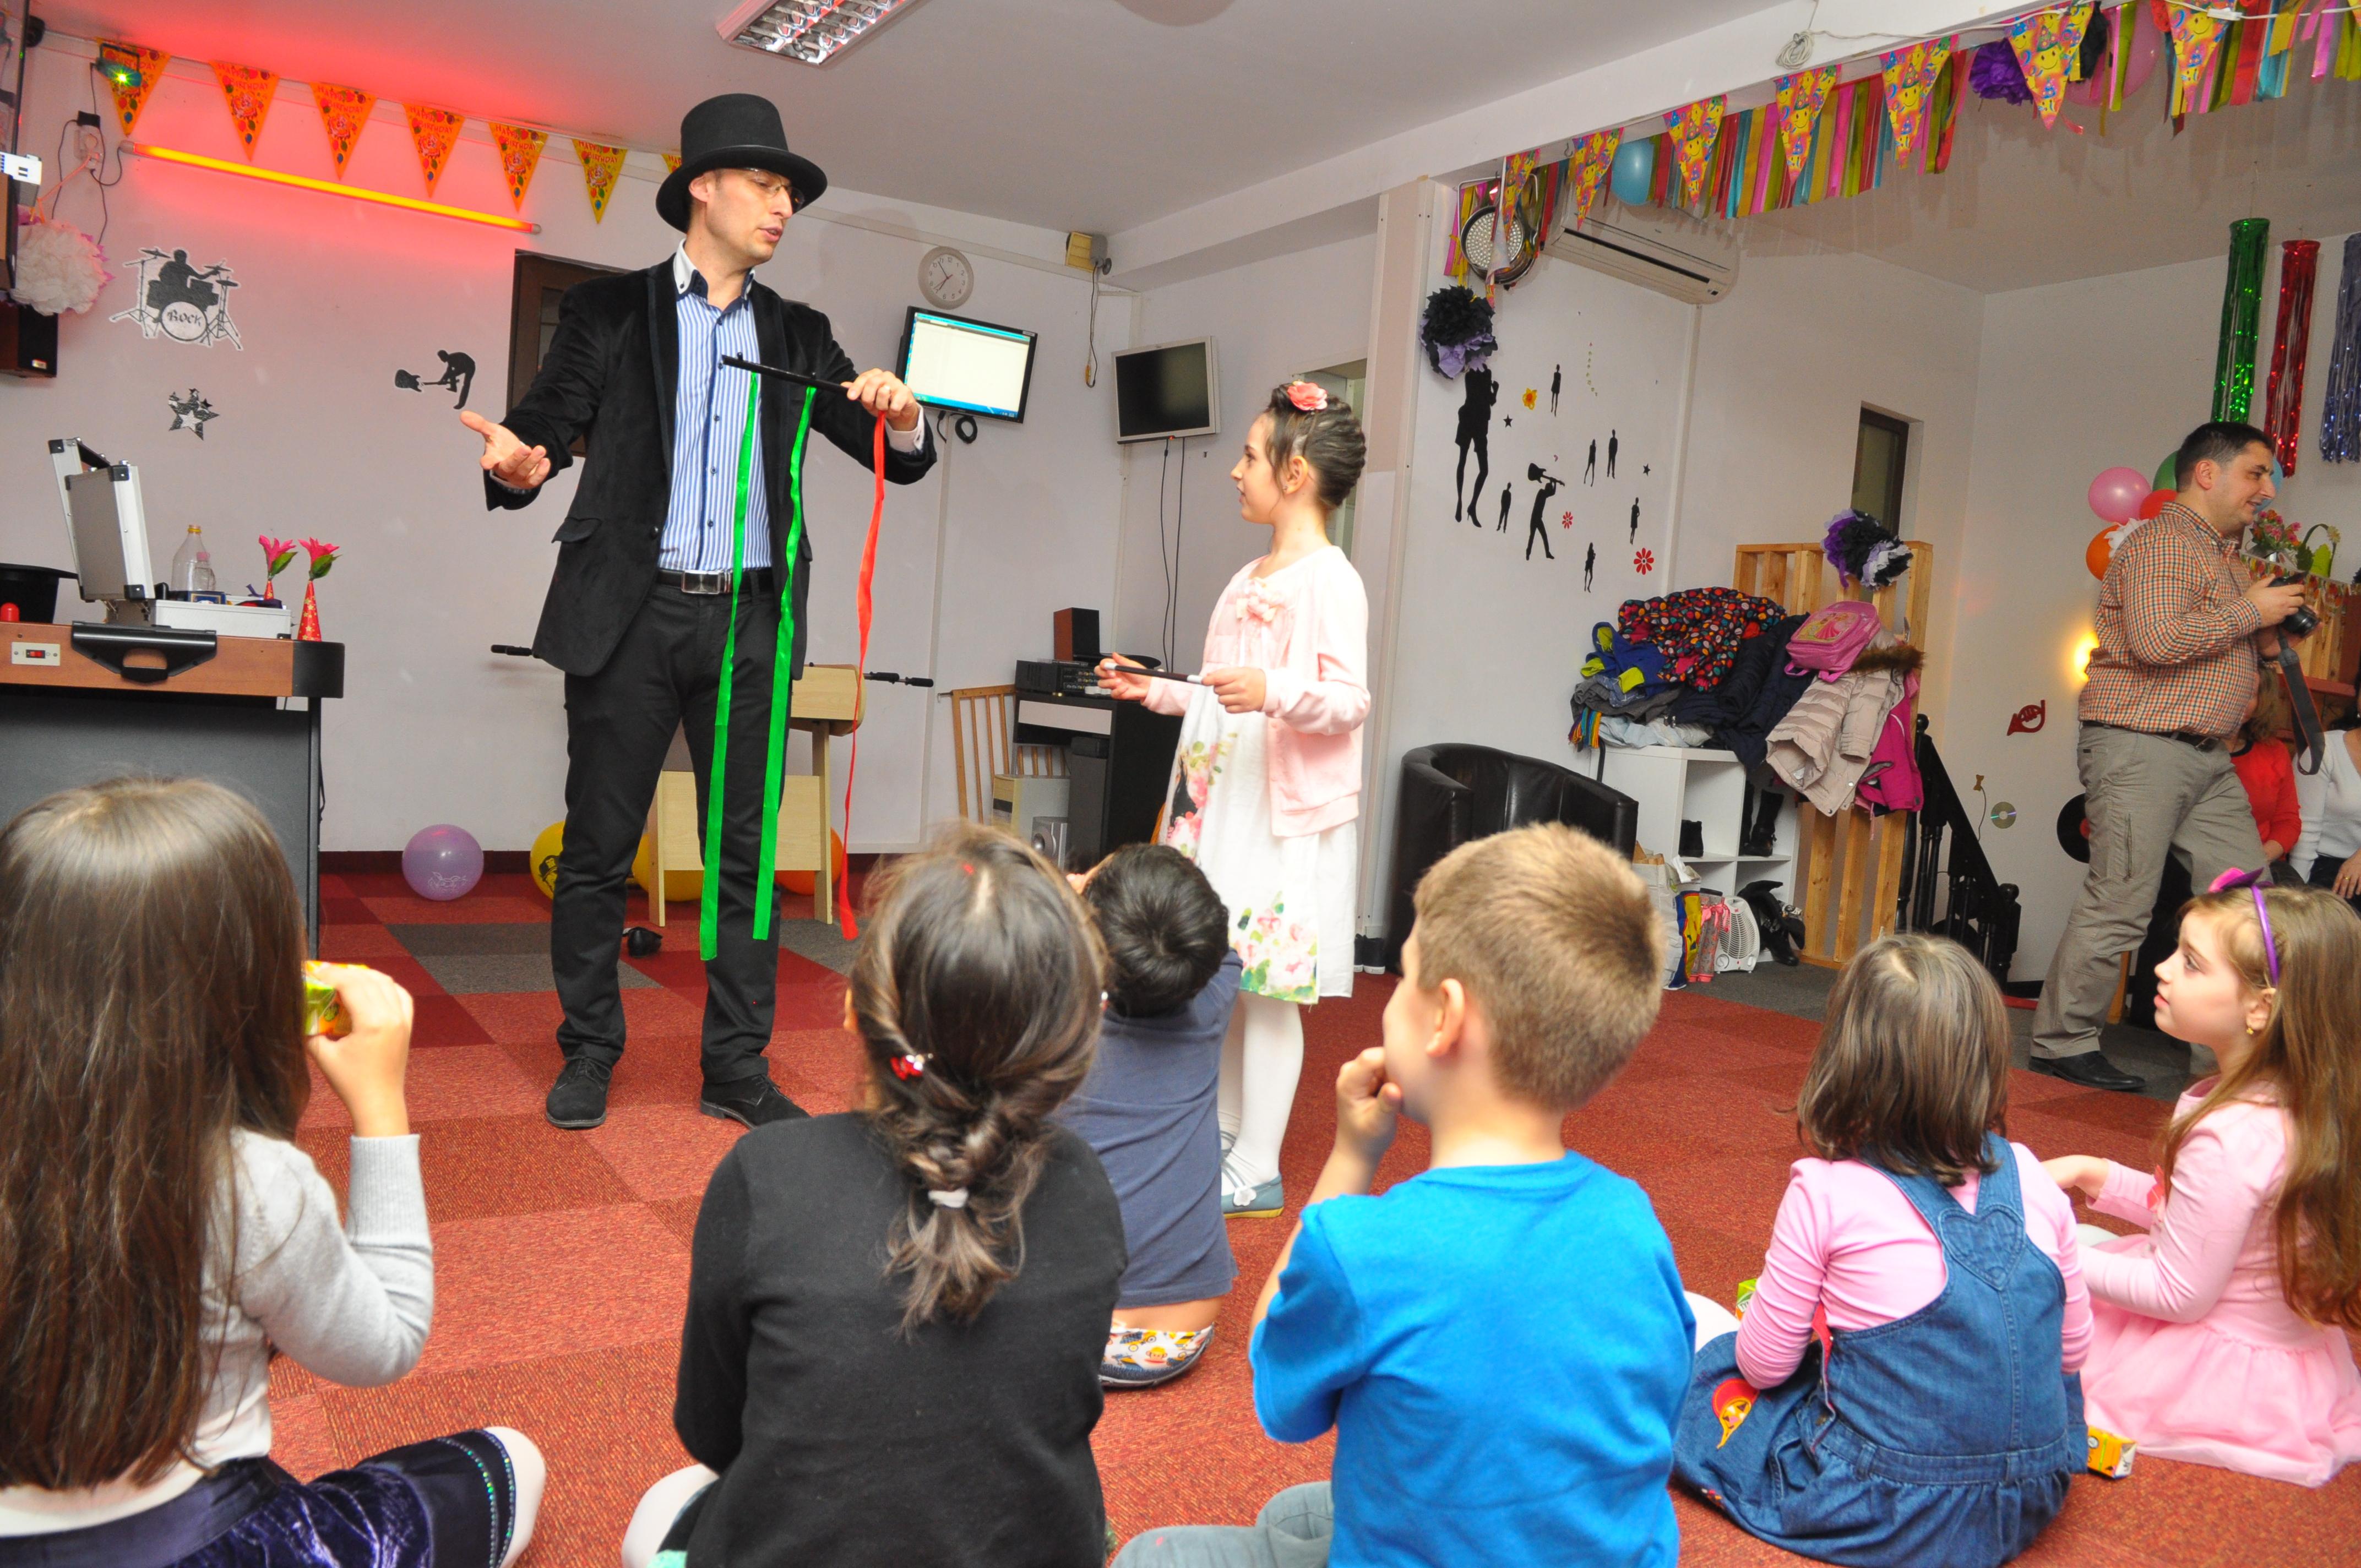 Imagini din spectacole de magie pentru copii